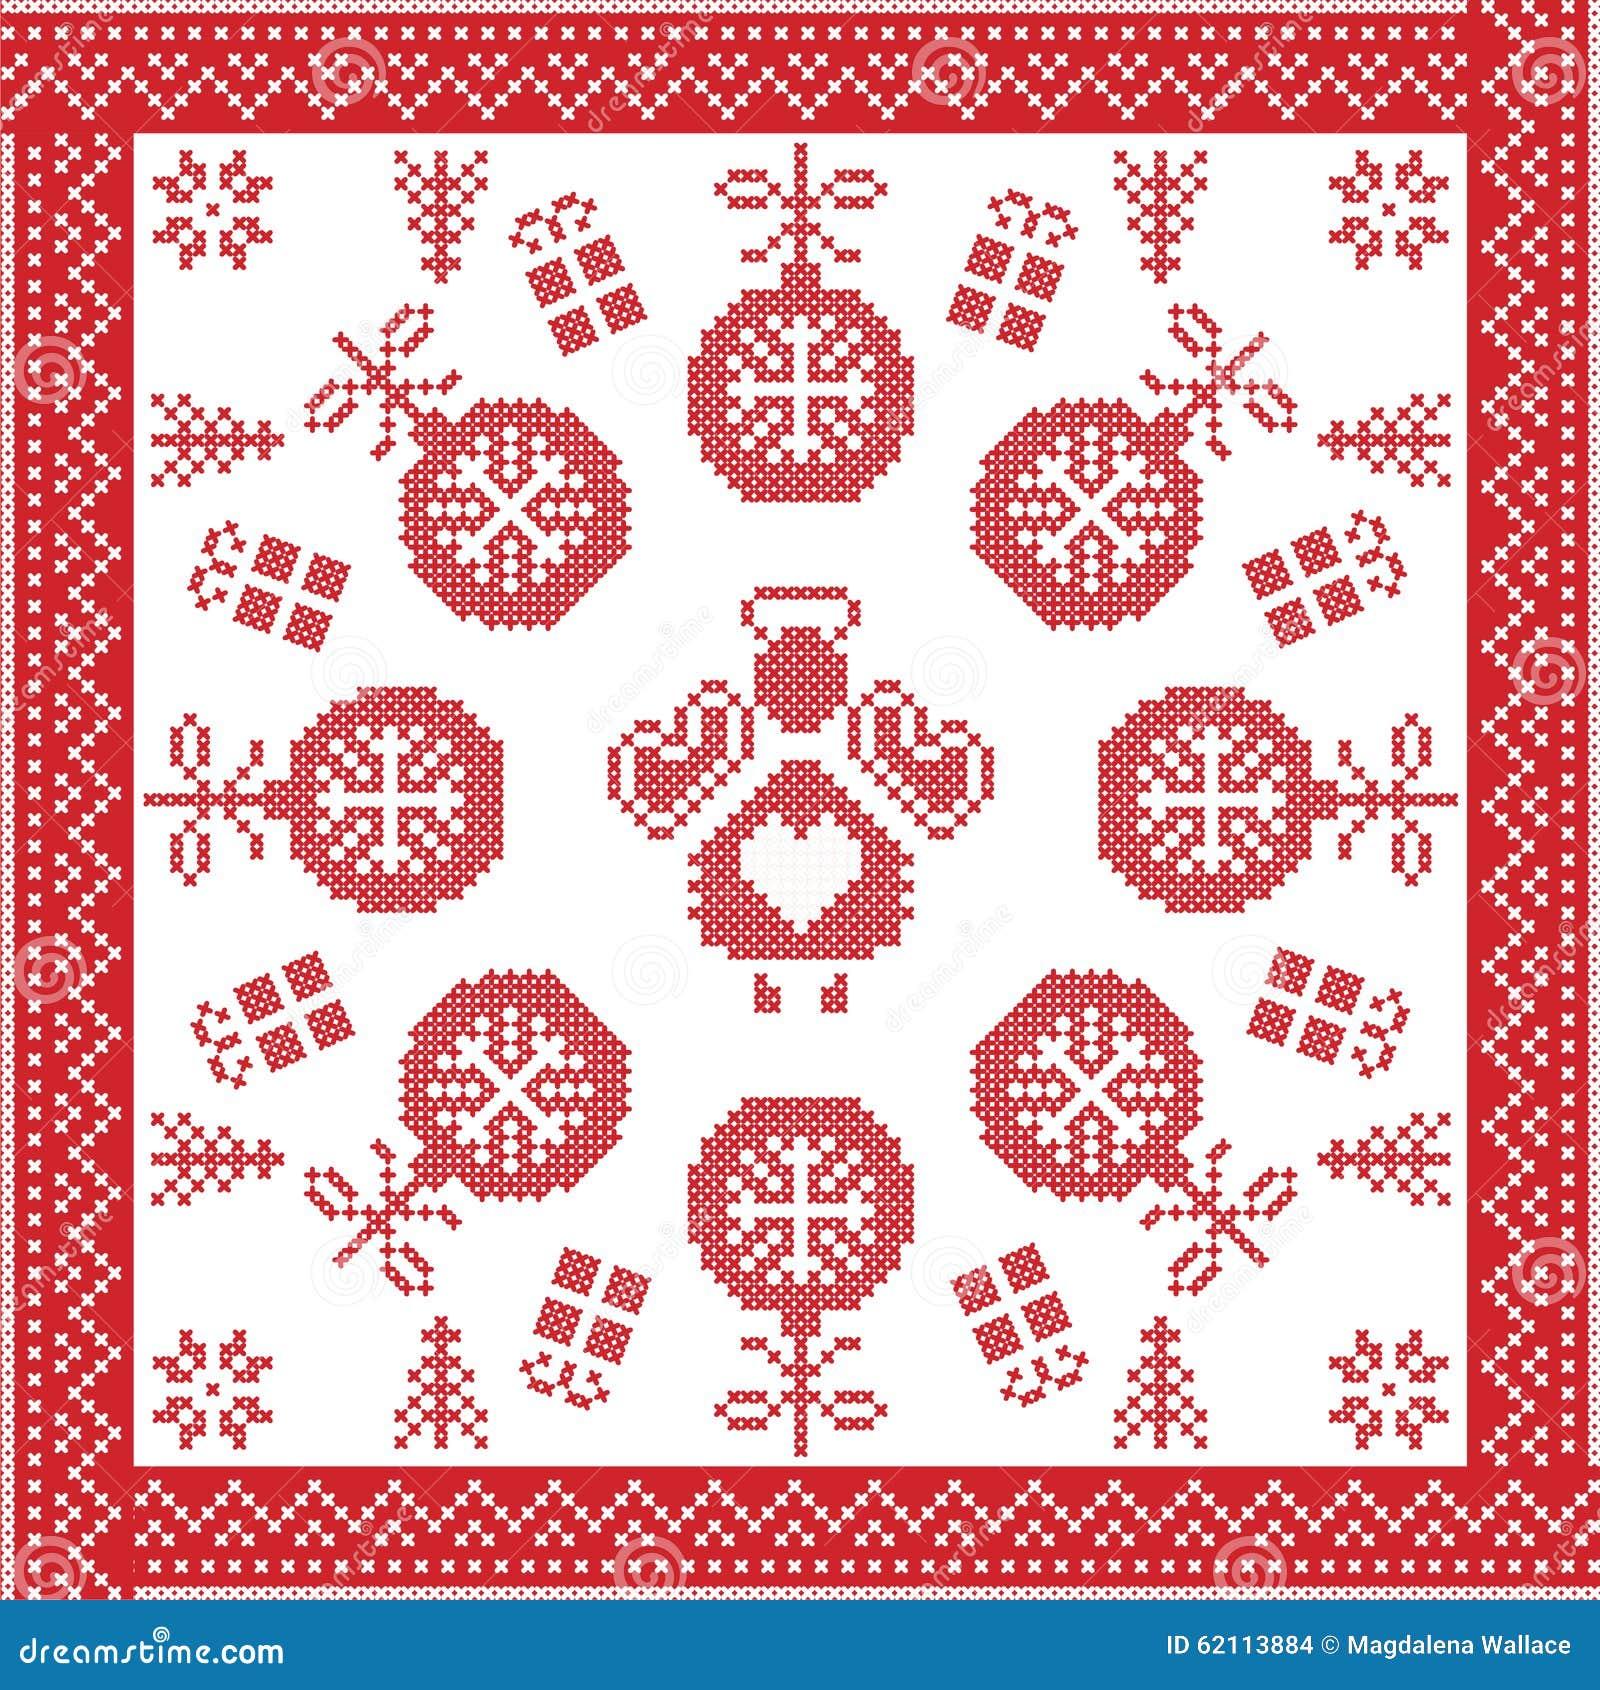 Scandinavian Nordic Winter Cross Stitch, Knitting Christmas Pattern ...